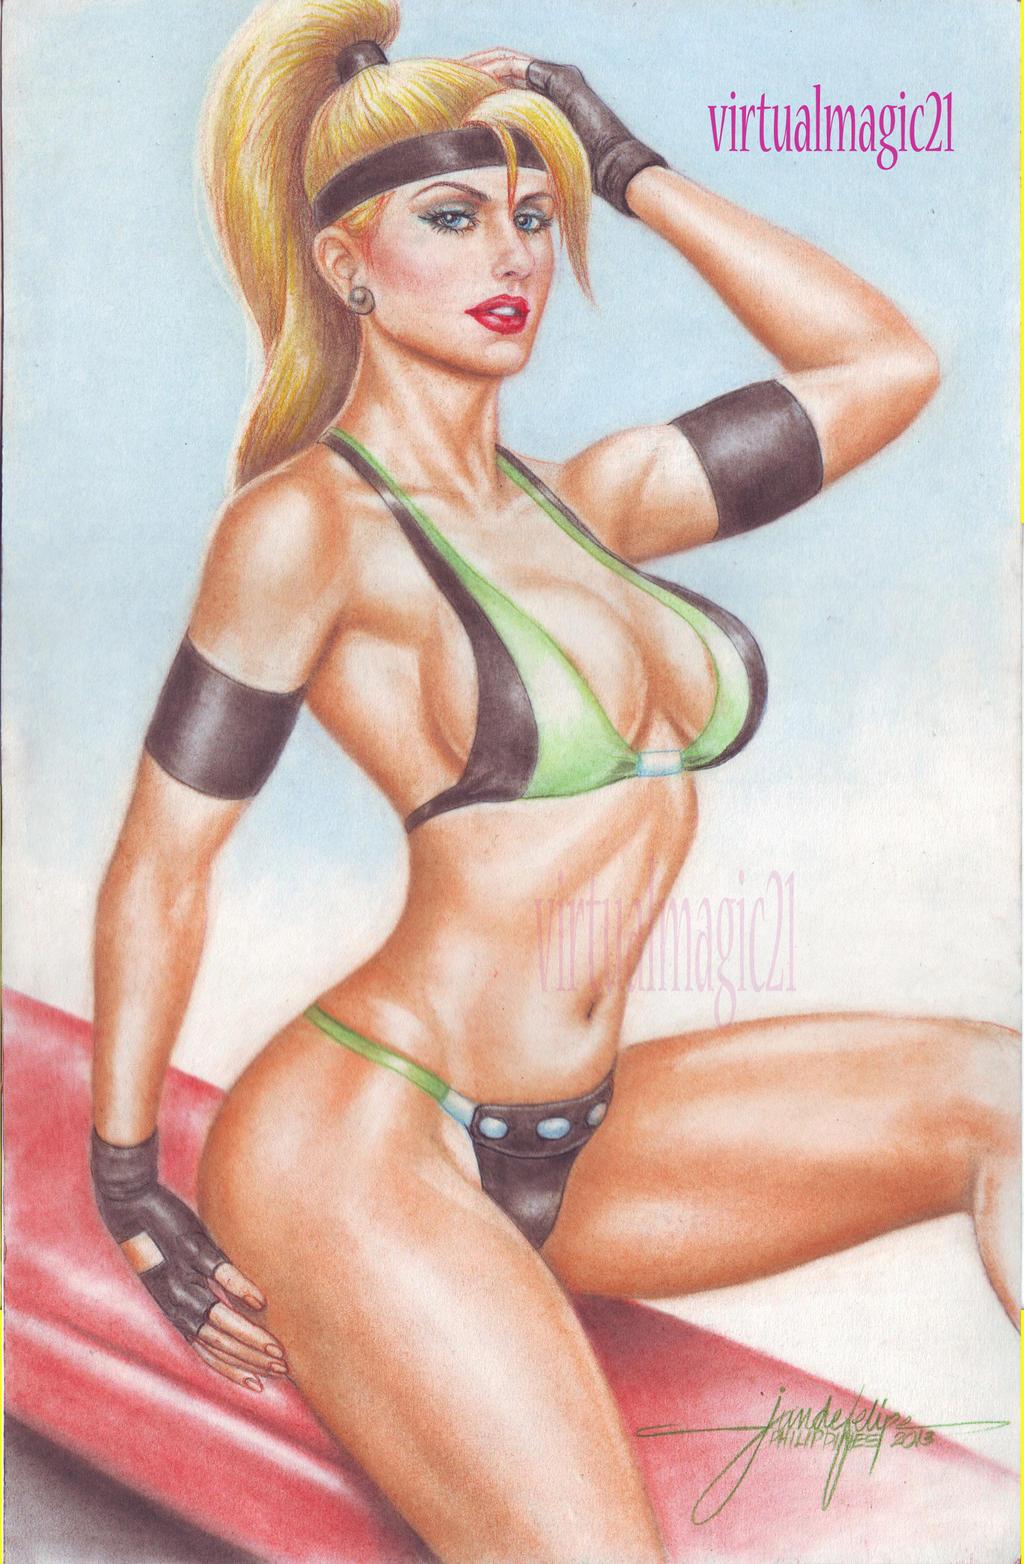 Sonia blade desnuda porno images